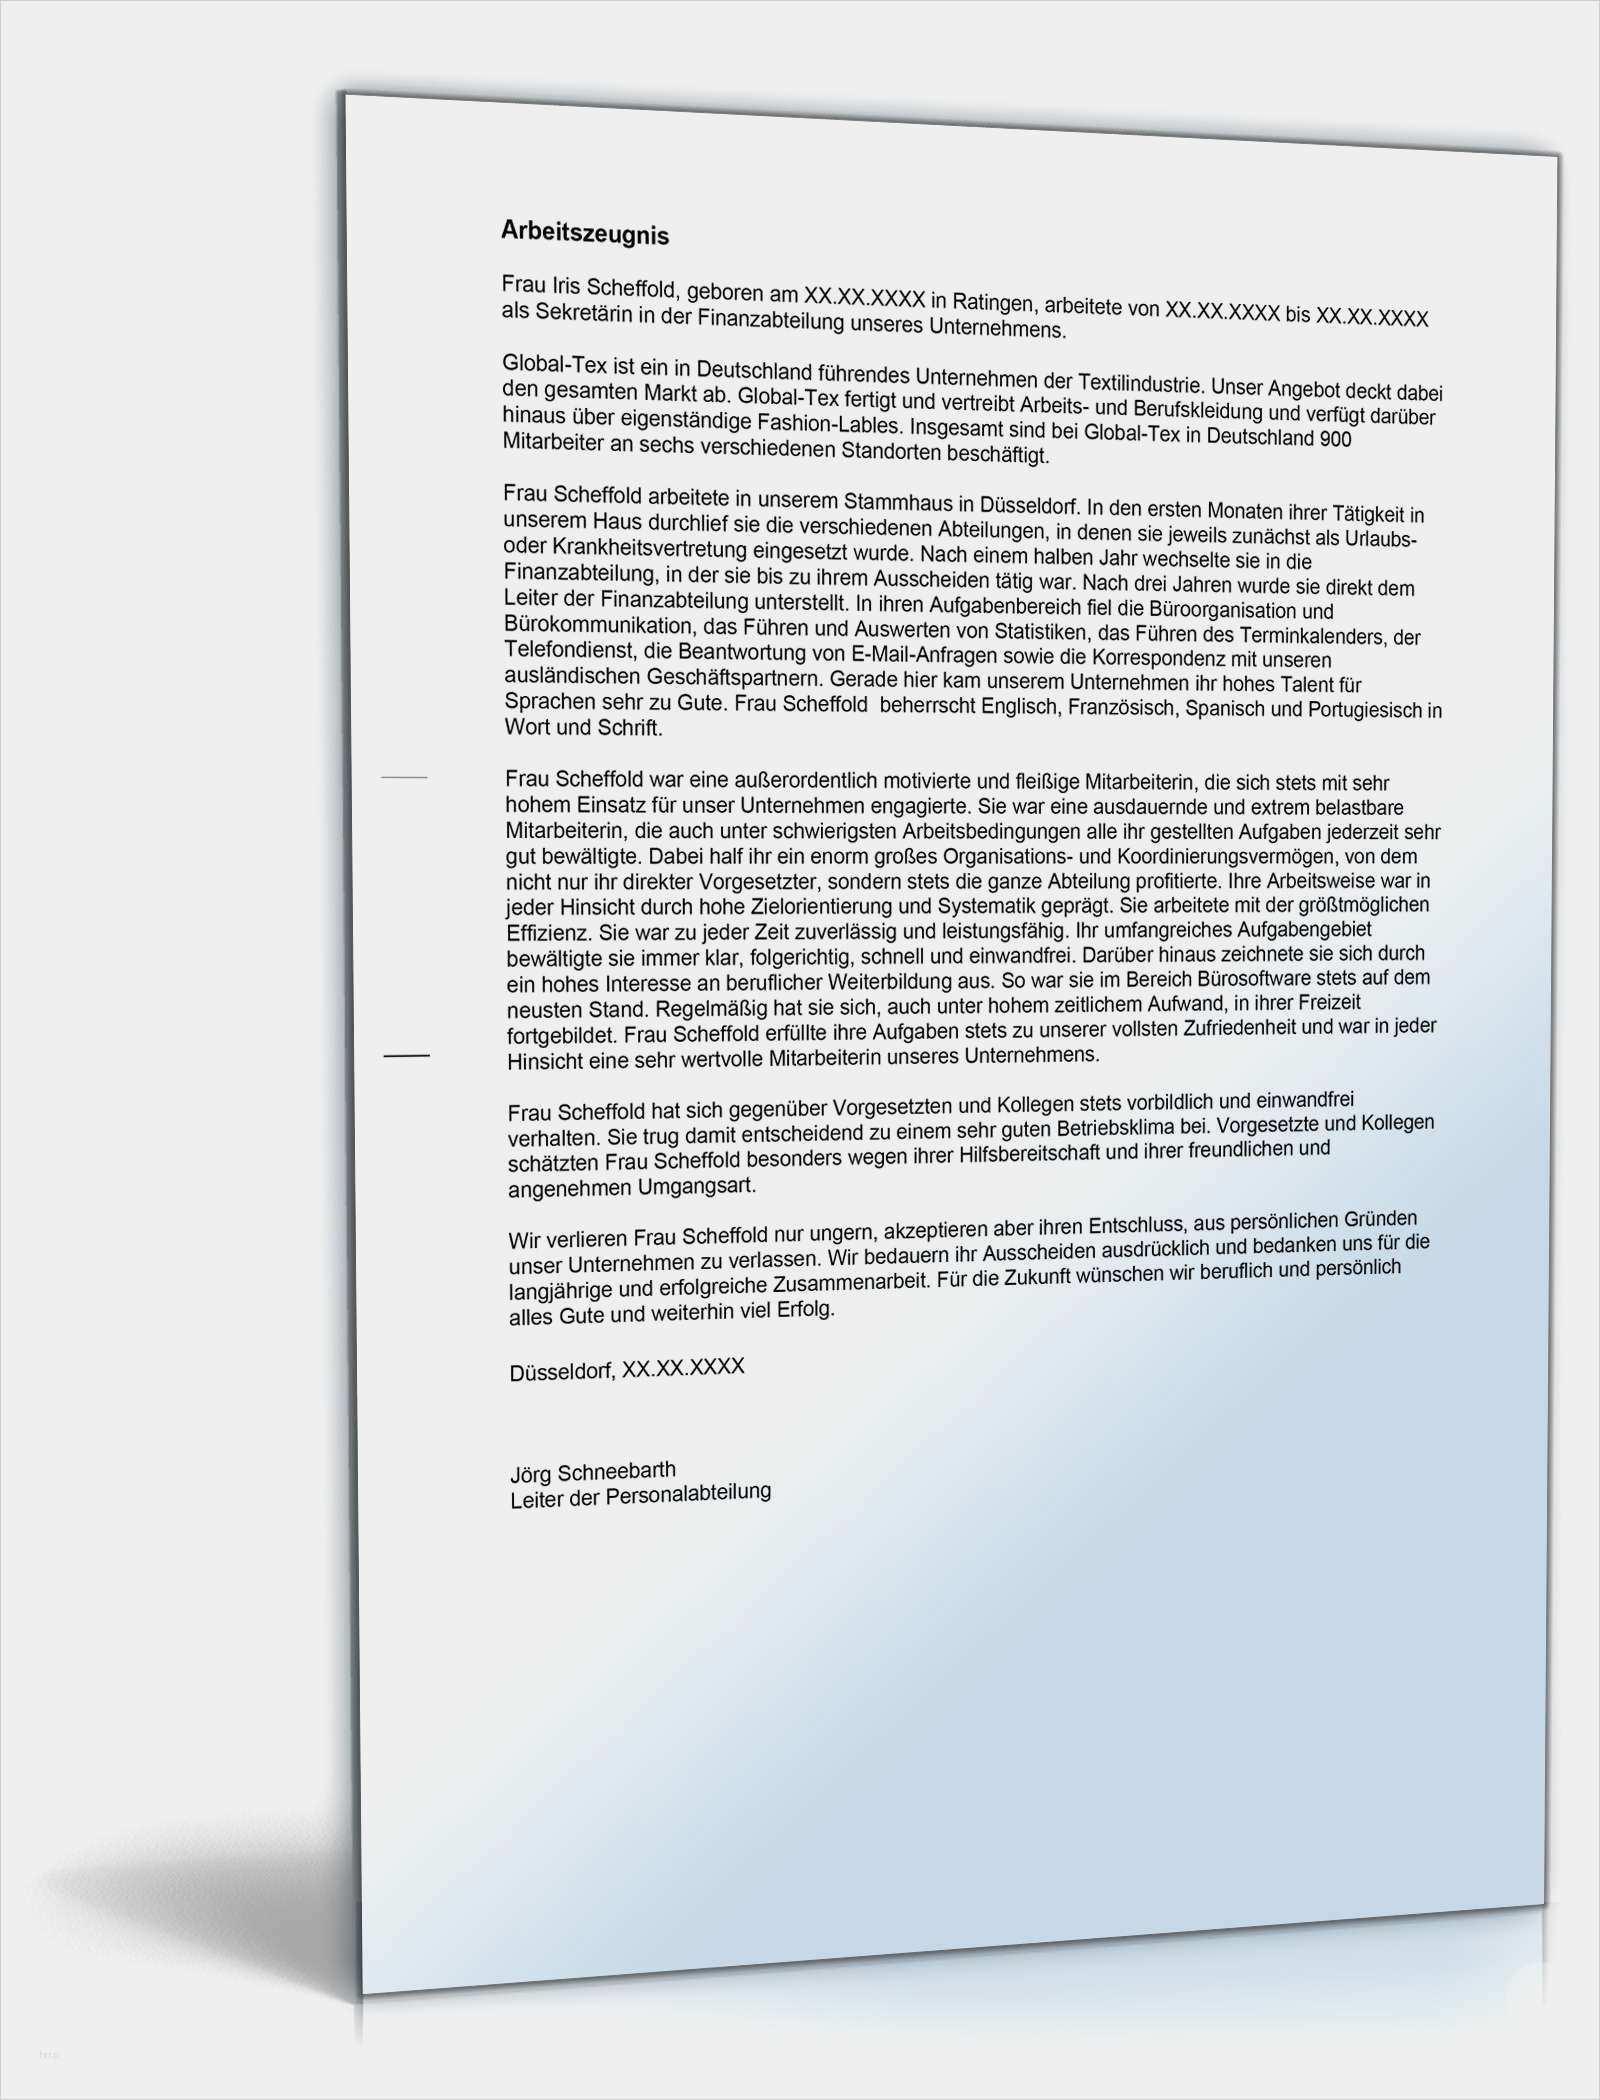 30 Suss Tatigkeitsbeschreibung Vorlage Foto In 2020 Vorlagen Finanzen Arbeitszeugnis